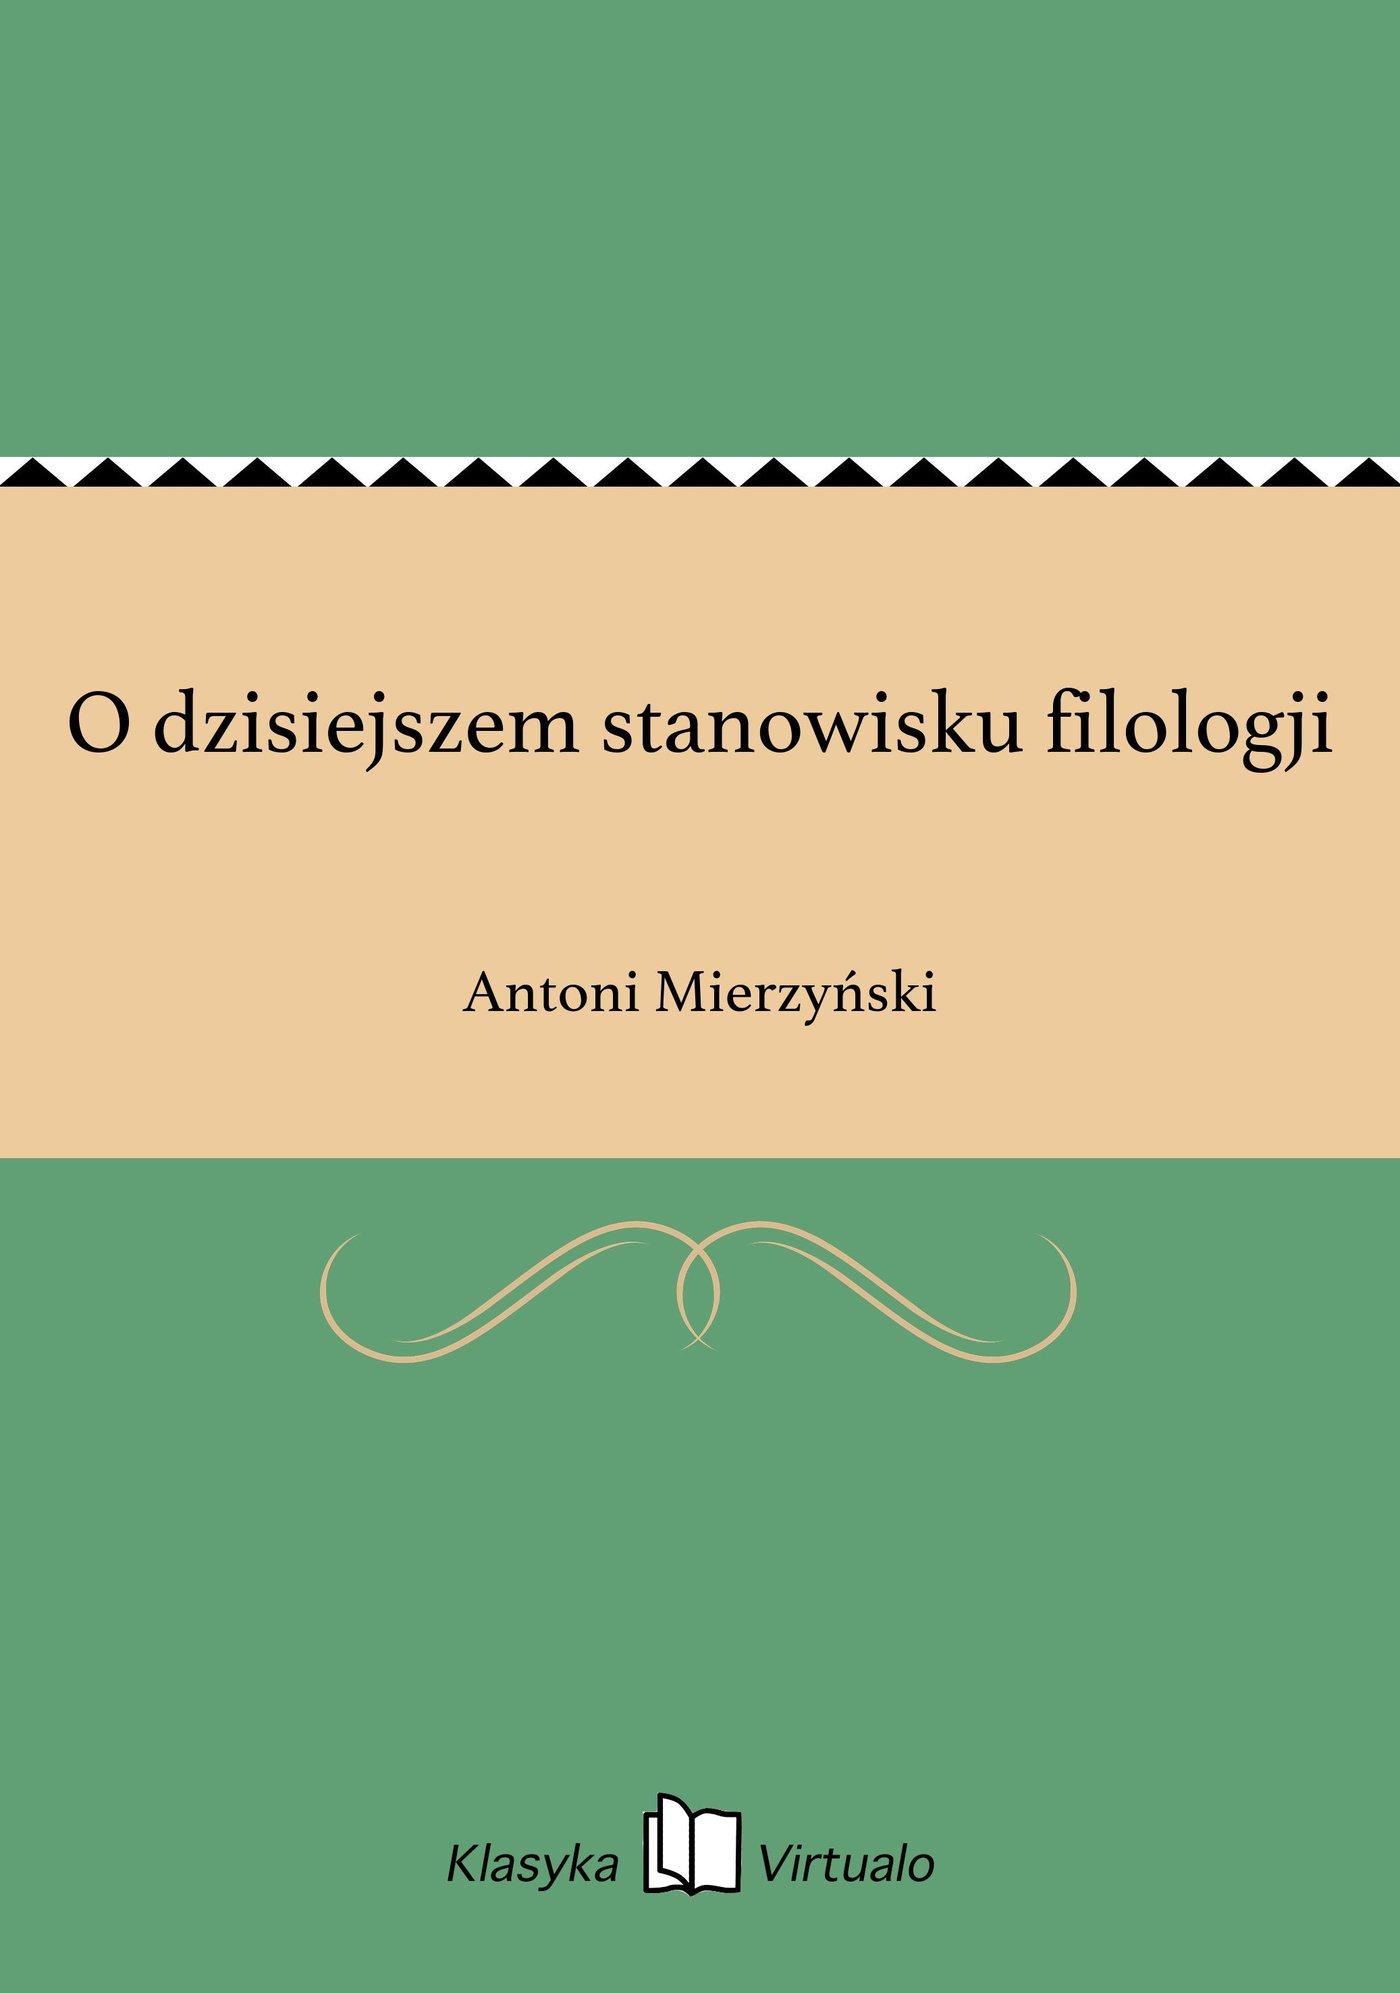 O dzisiejszem stanowisku filologji - Ebook (Książka EPUB) do pobrania w formacie EPUB